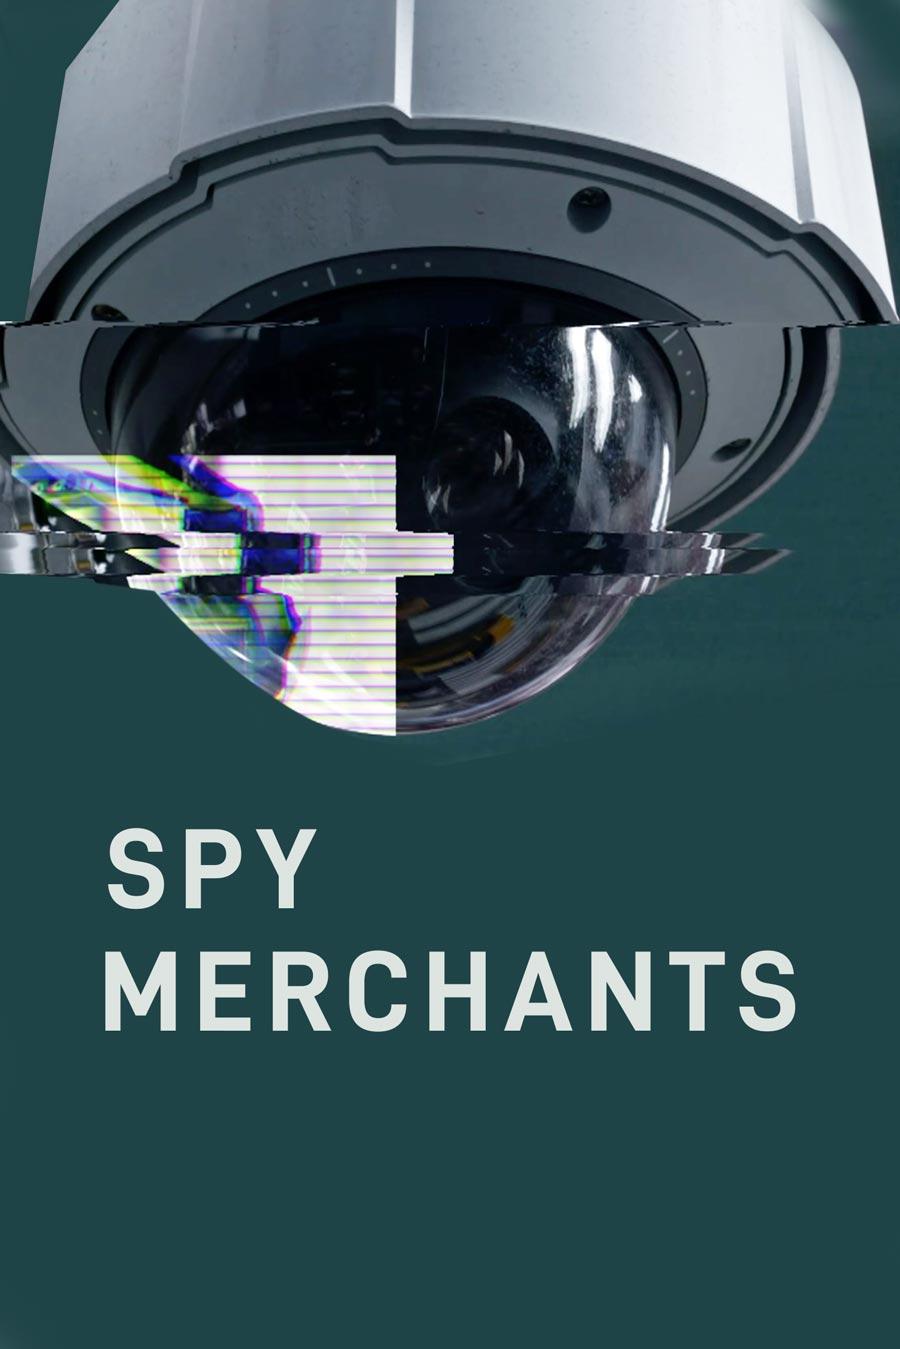 Spy Merchants